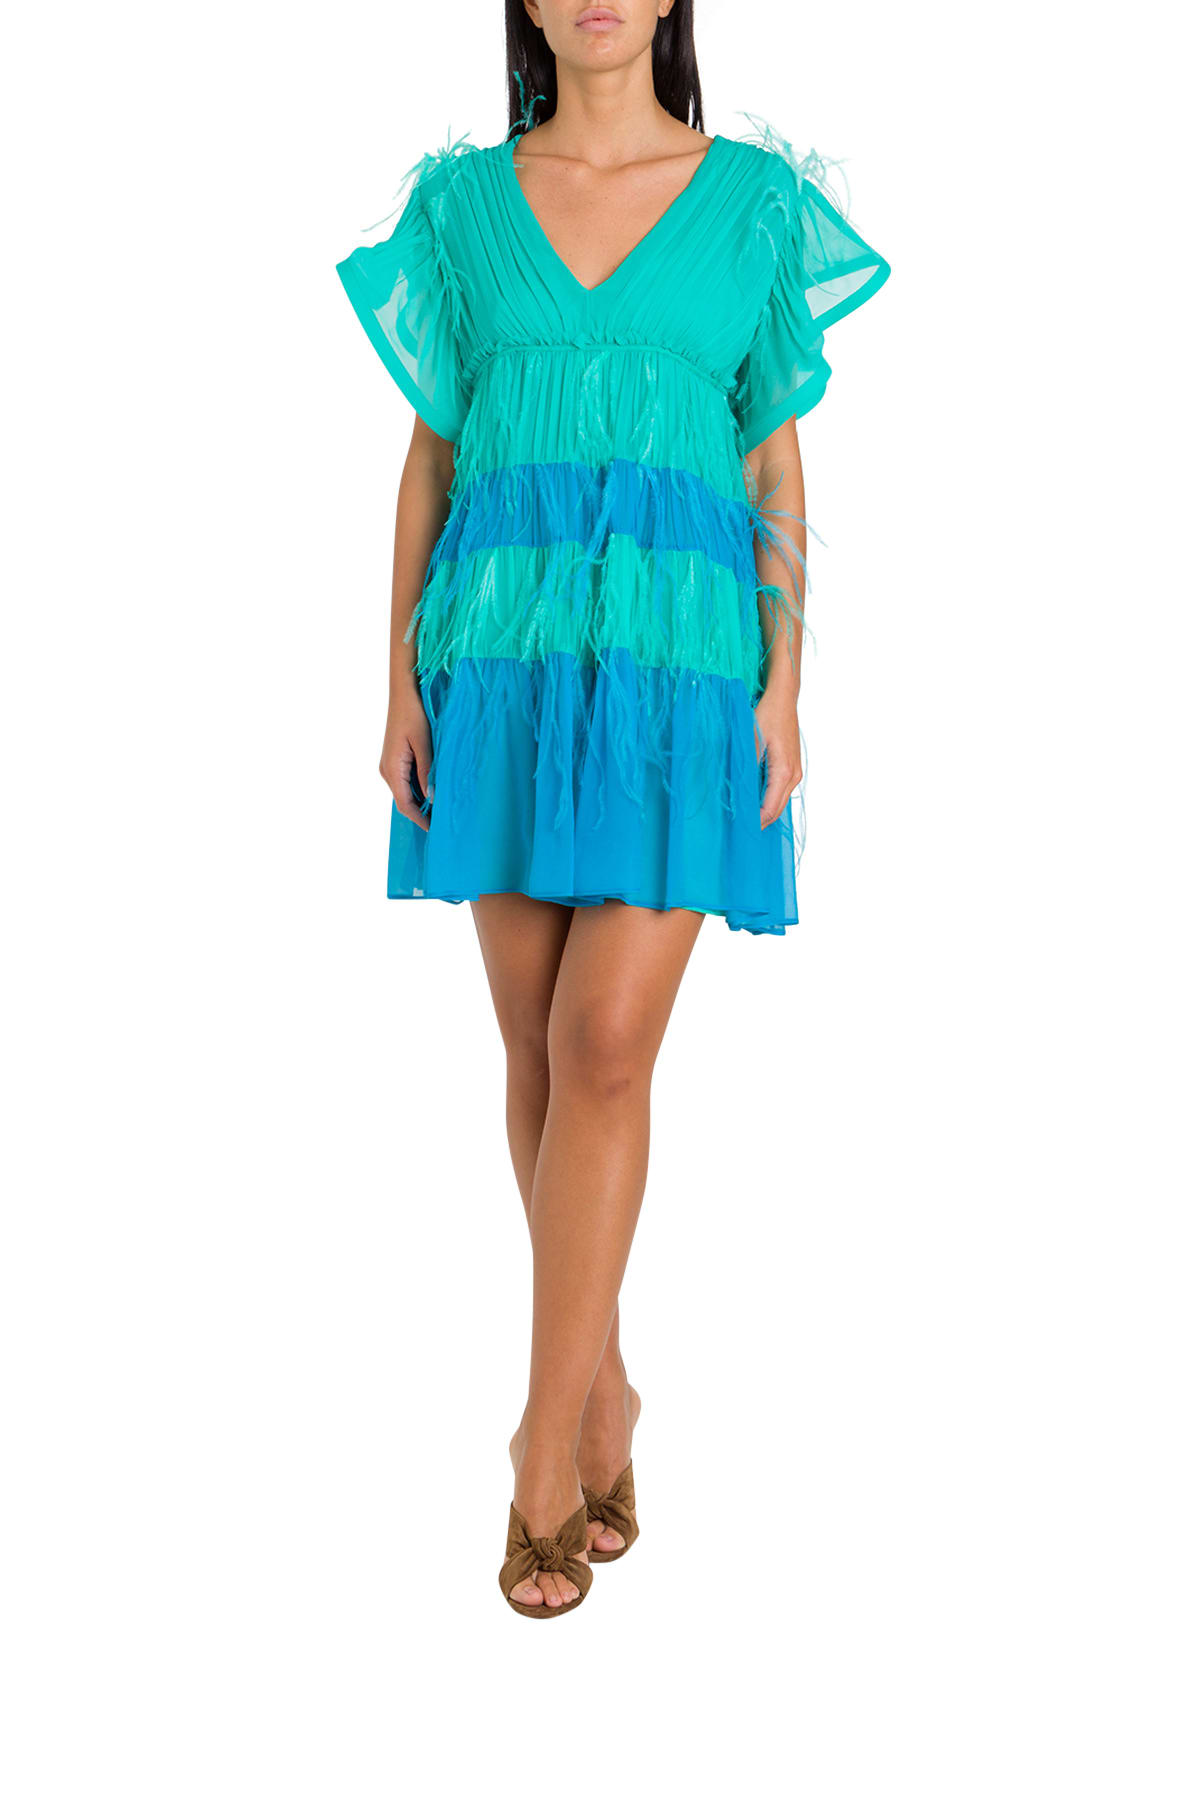 Buy Alberta Ferretti Color Block Mini Dress With Feathers online, shop Alberta Ferretti with free shipping